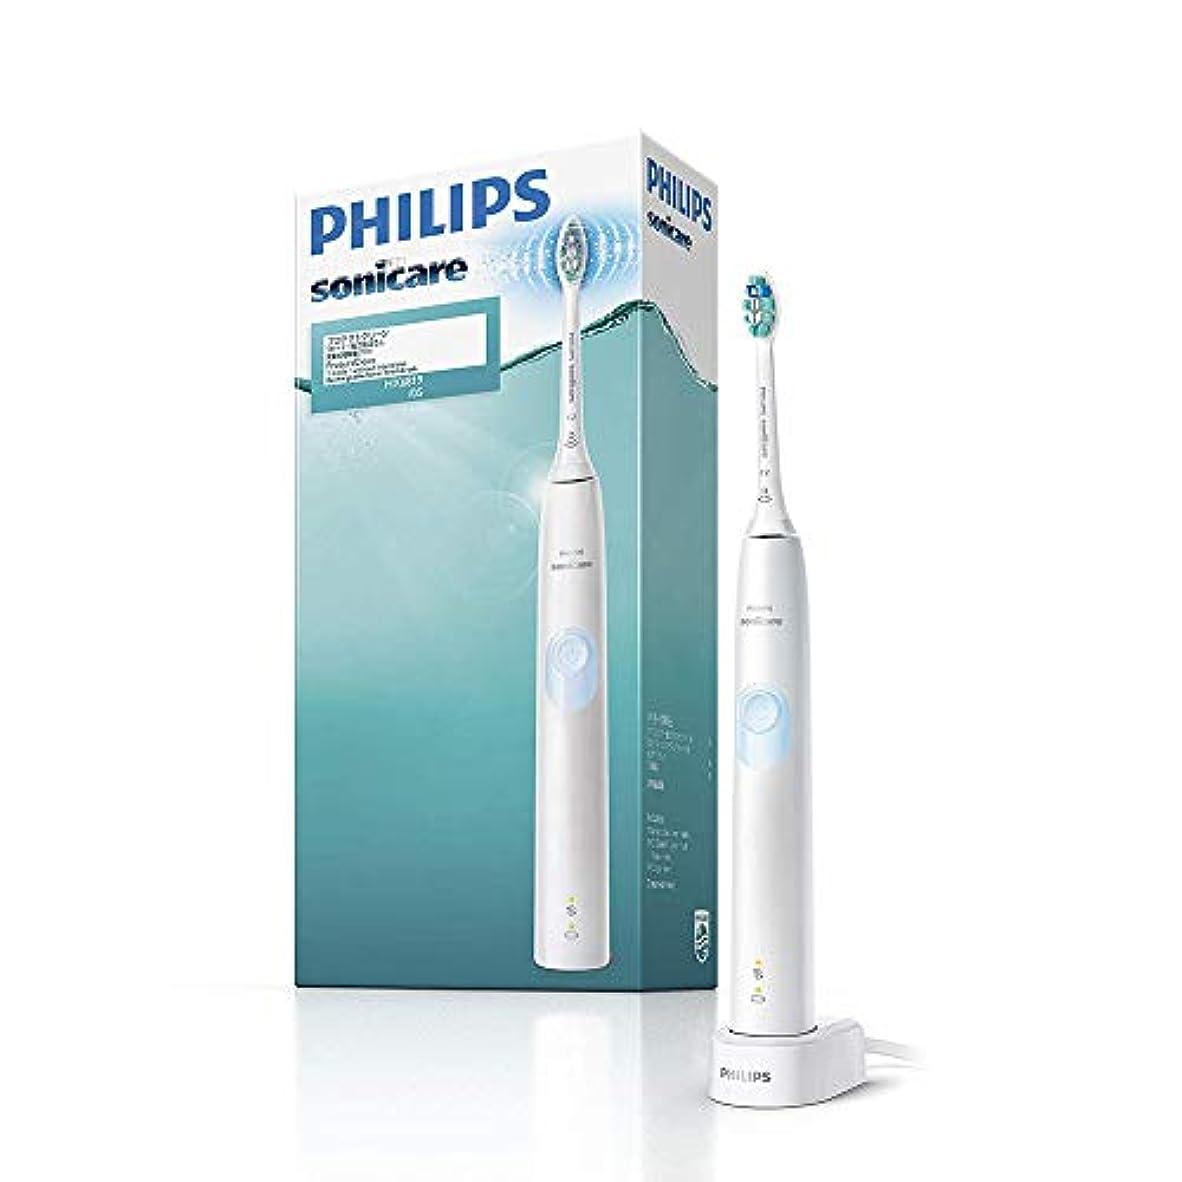 突進虐待も【Amazon.co.jp限定】フィリップス ソニッケアー プロテクトクリーン ホワイトライトブルー 電動歯ブラシ 強さ設定なし HX6819/05